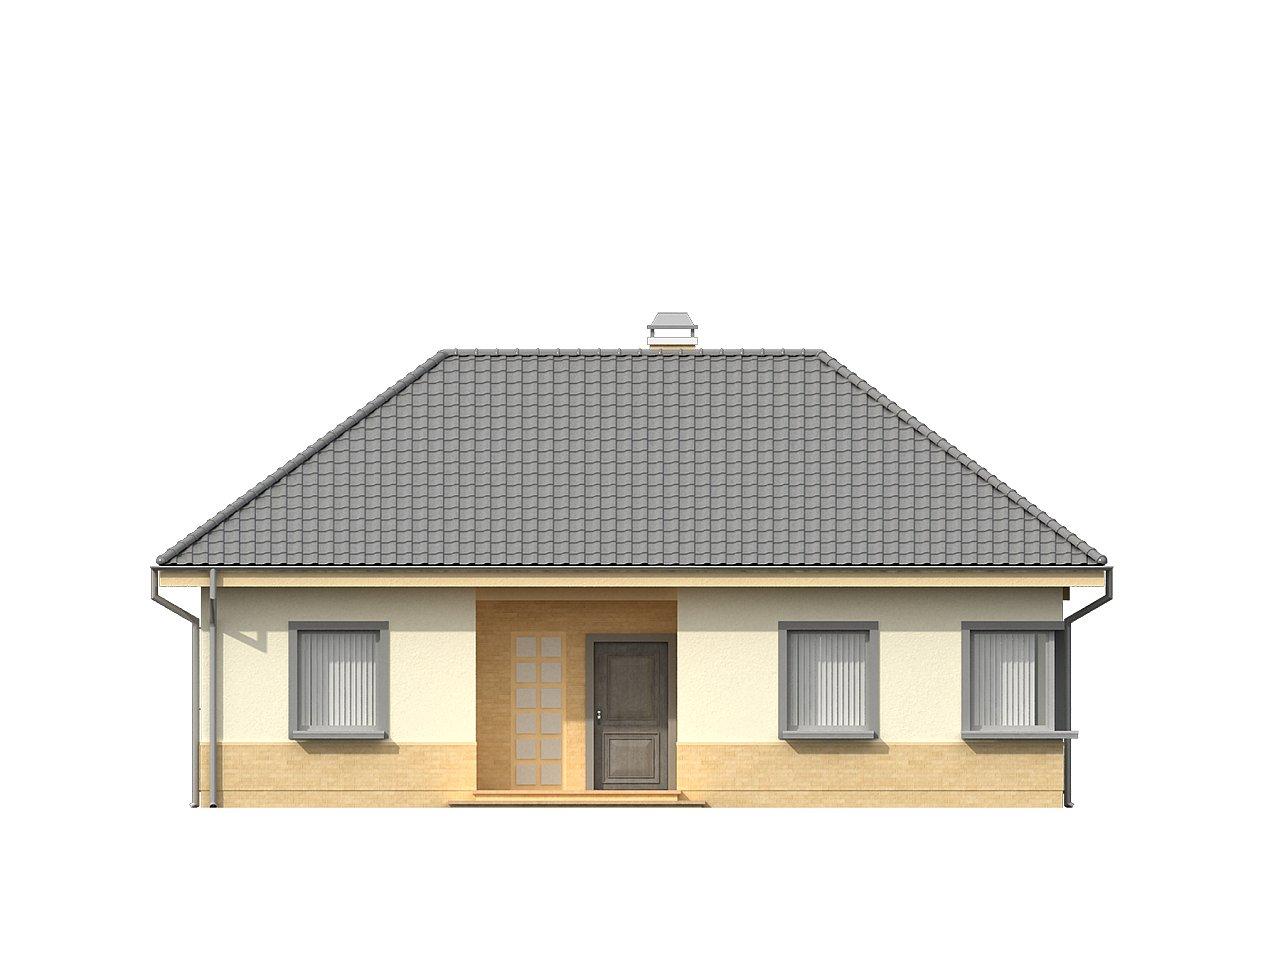 Практичный одноэтажный дом с 4-х скатной кровлей и угловым окном в кухне. 21